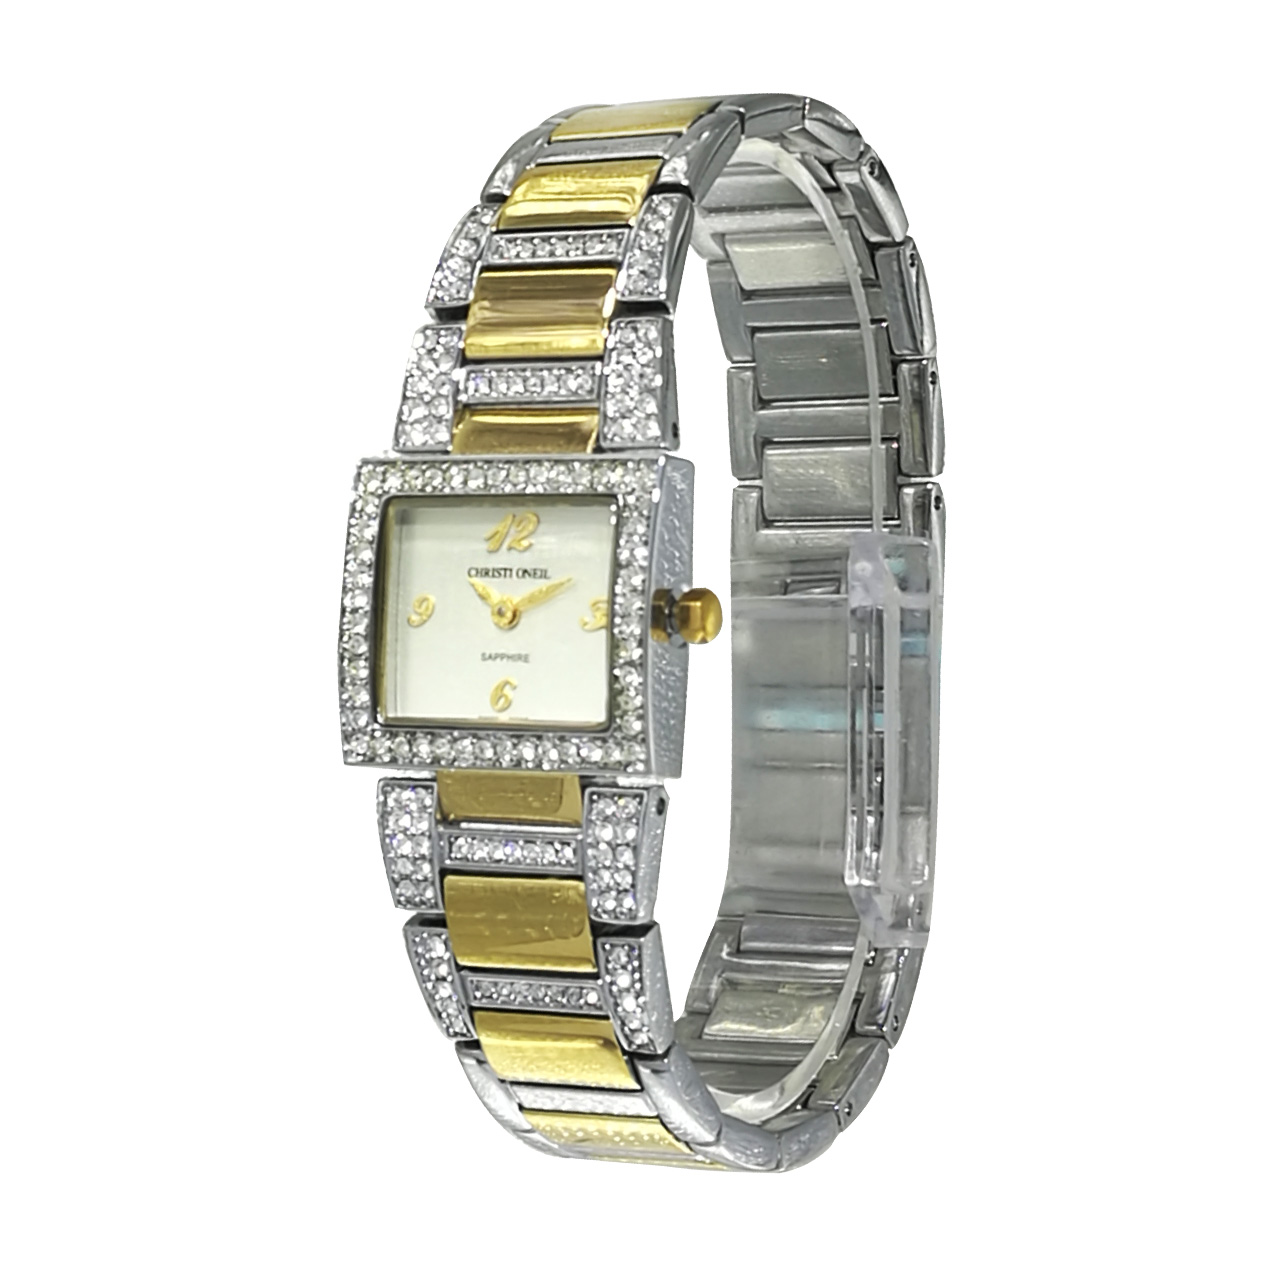 ساعت مچی عقربه ای زنانه کریستی اونیل مدل f012